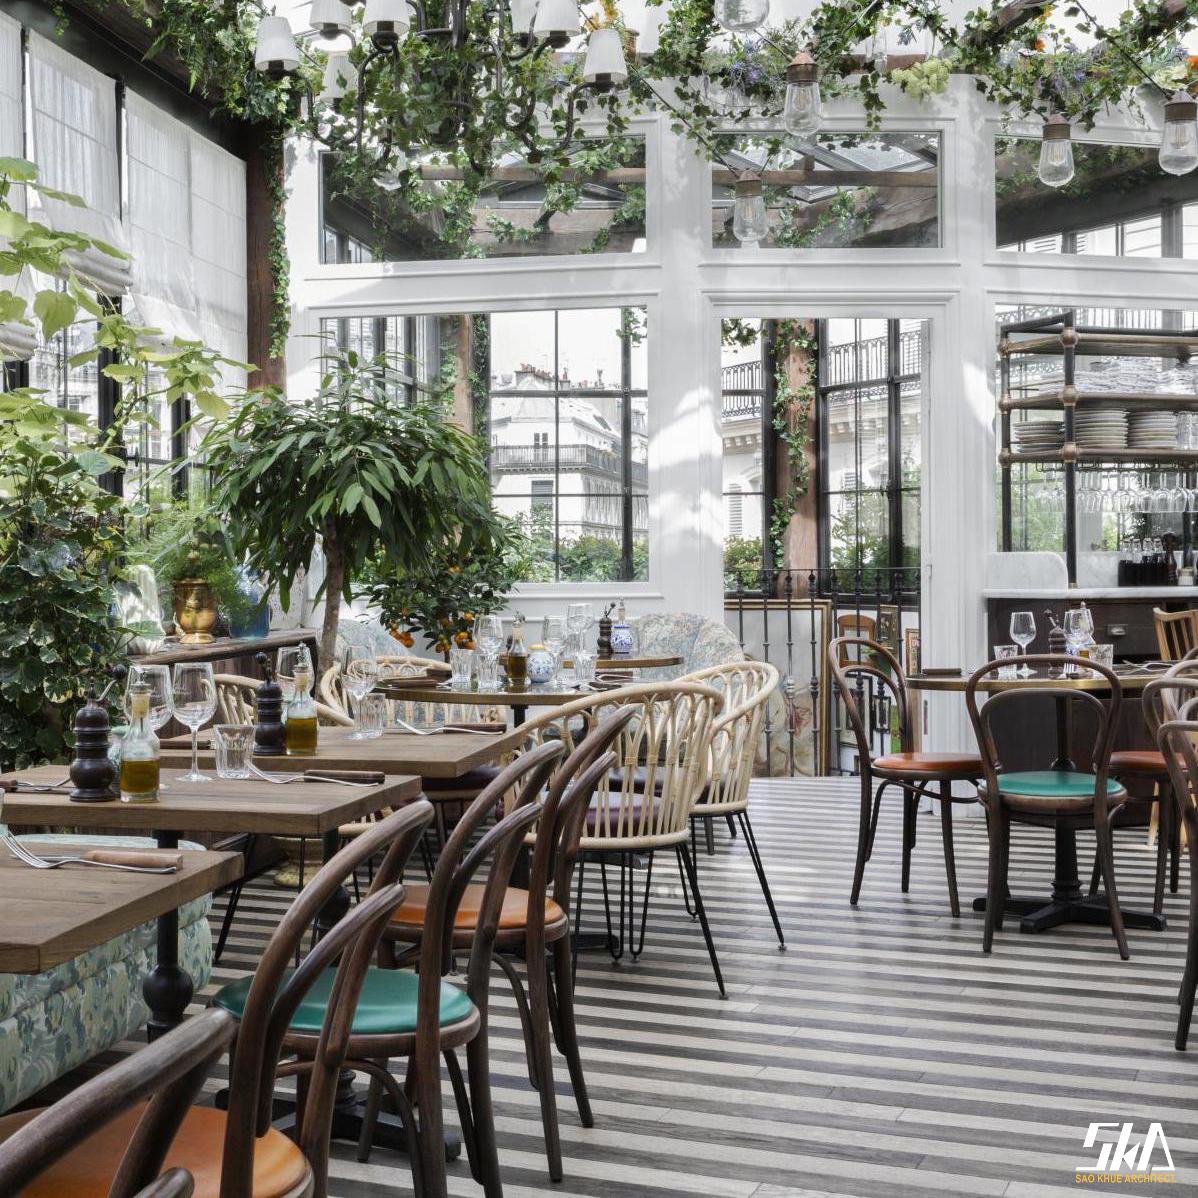 Thiết kế nhà hàng – Bar phong cách Pháp thu hút giới trẻ